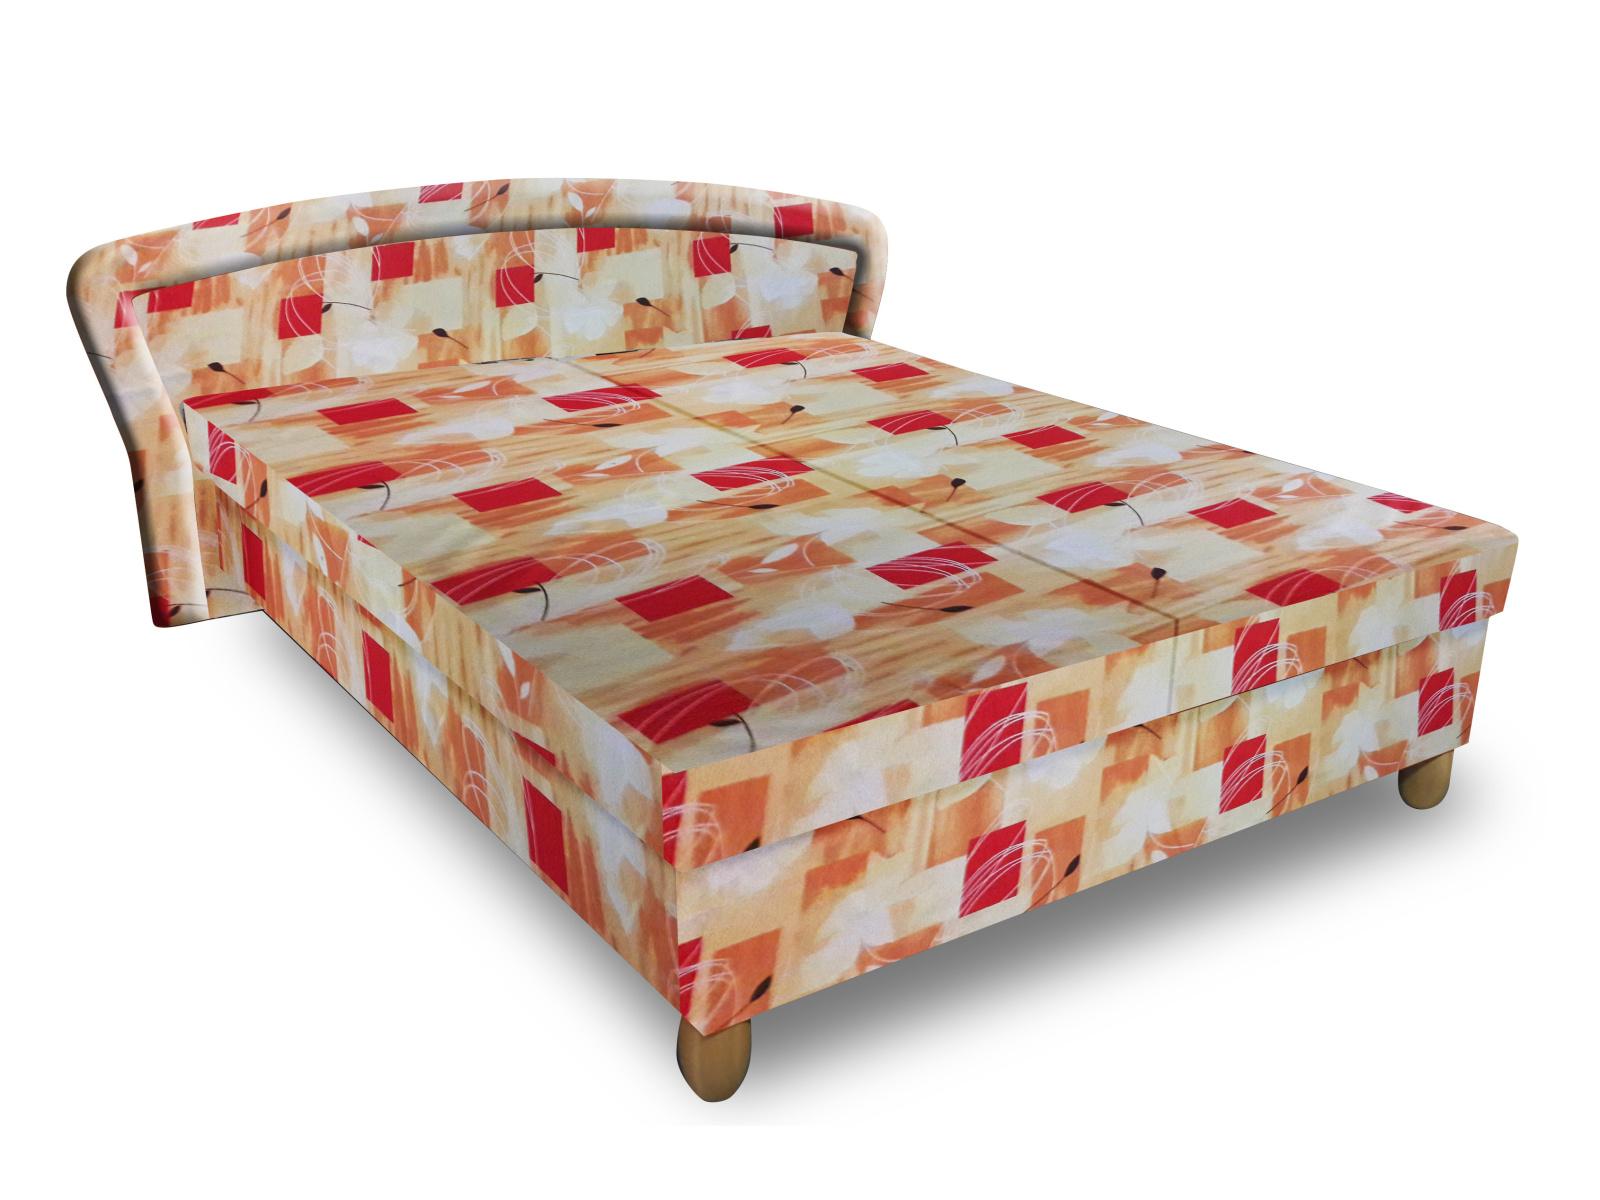 Smartshop Čalouněná postel PAVLA 180x200 cm, oranžová látka